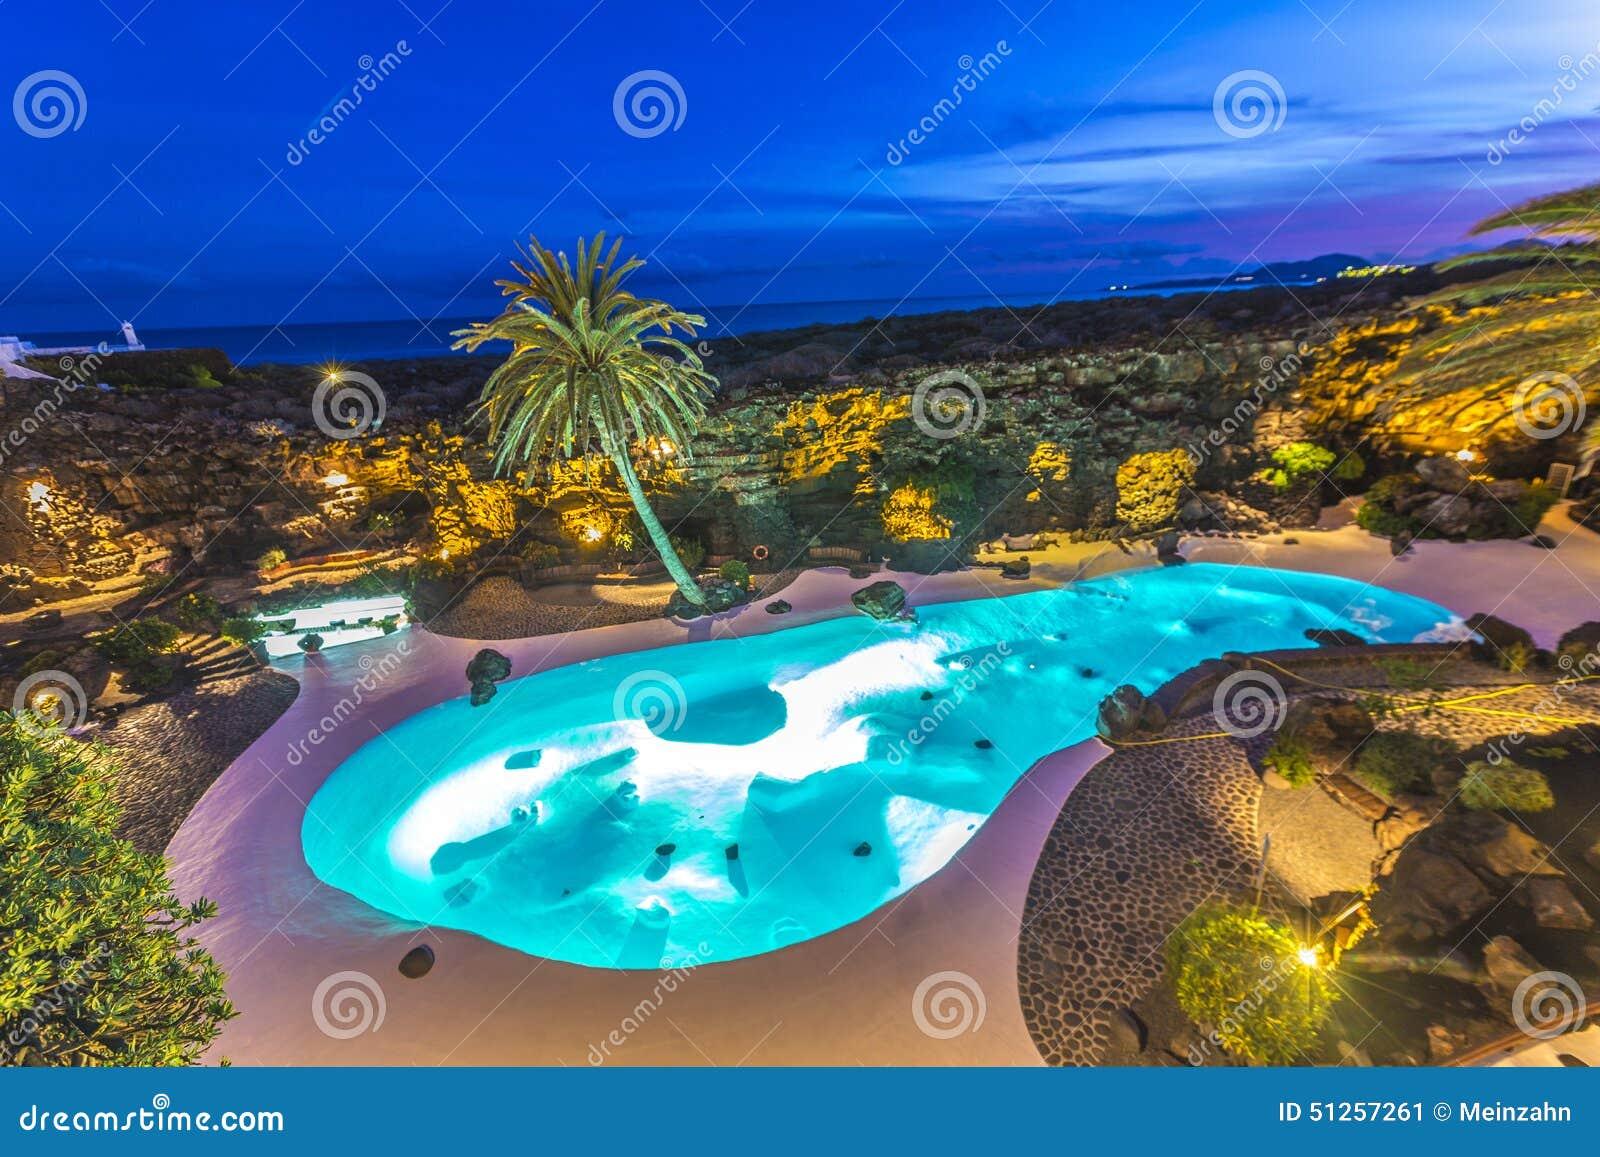 Jameos del agua lanzarote islas canarias espa a foto editorial imagen 51257261 - Se puede banar en los jameos del agua ...